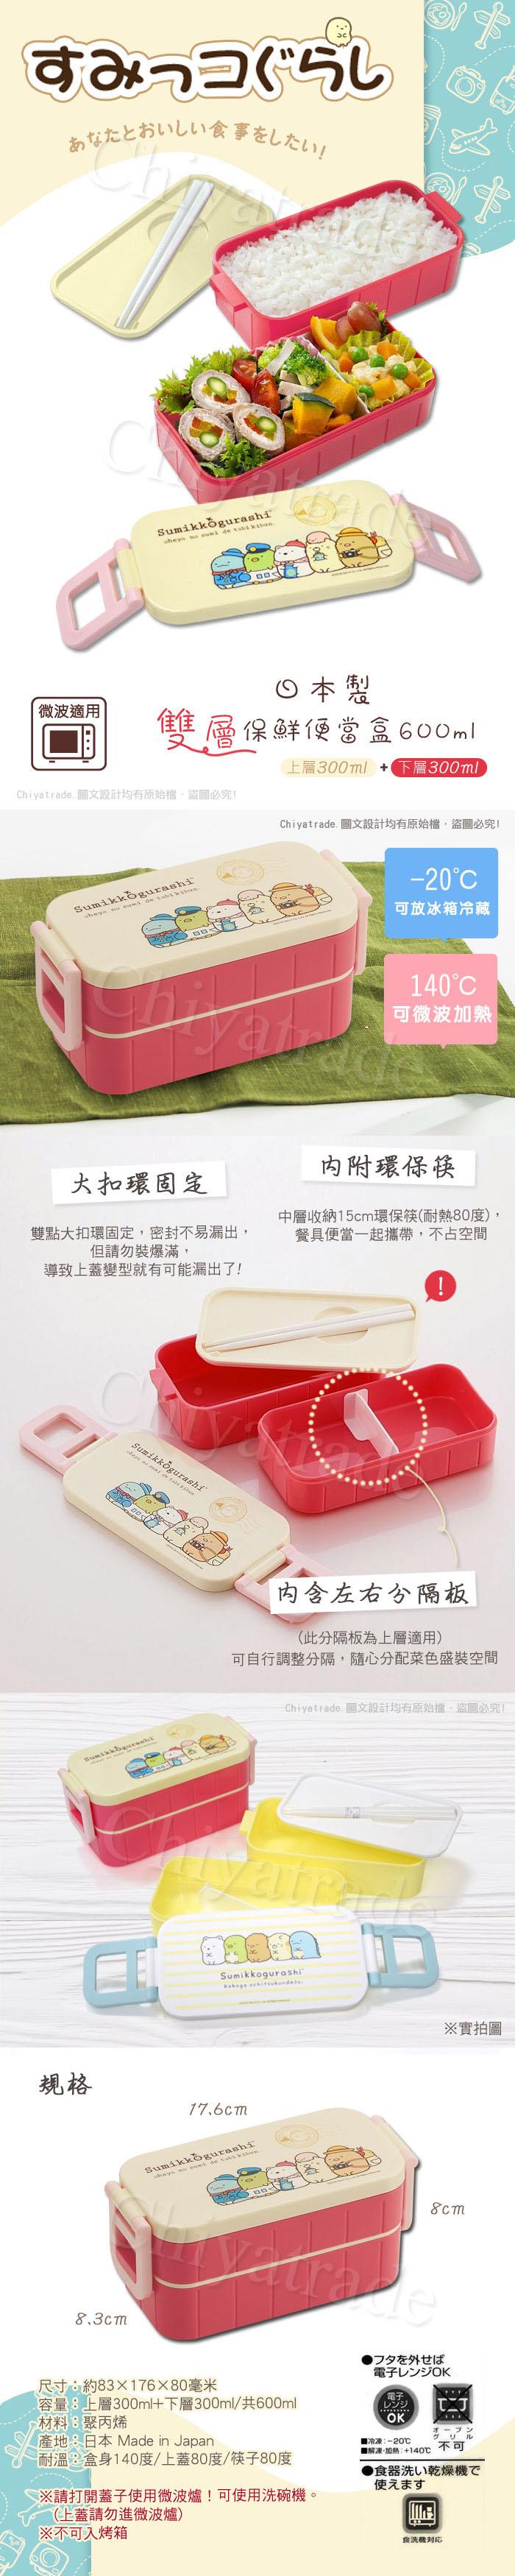 (複製)Skater|角落小夥伴 雙層便當盒 保鮮餐盒 530ML-黃條紋